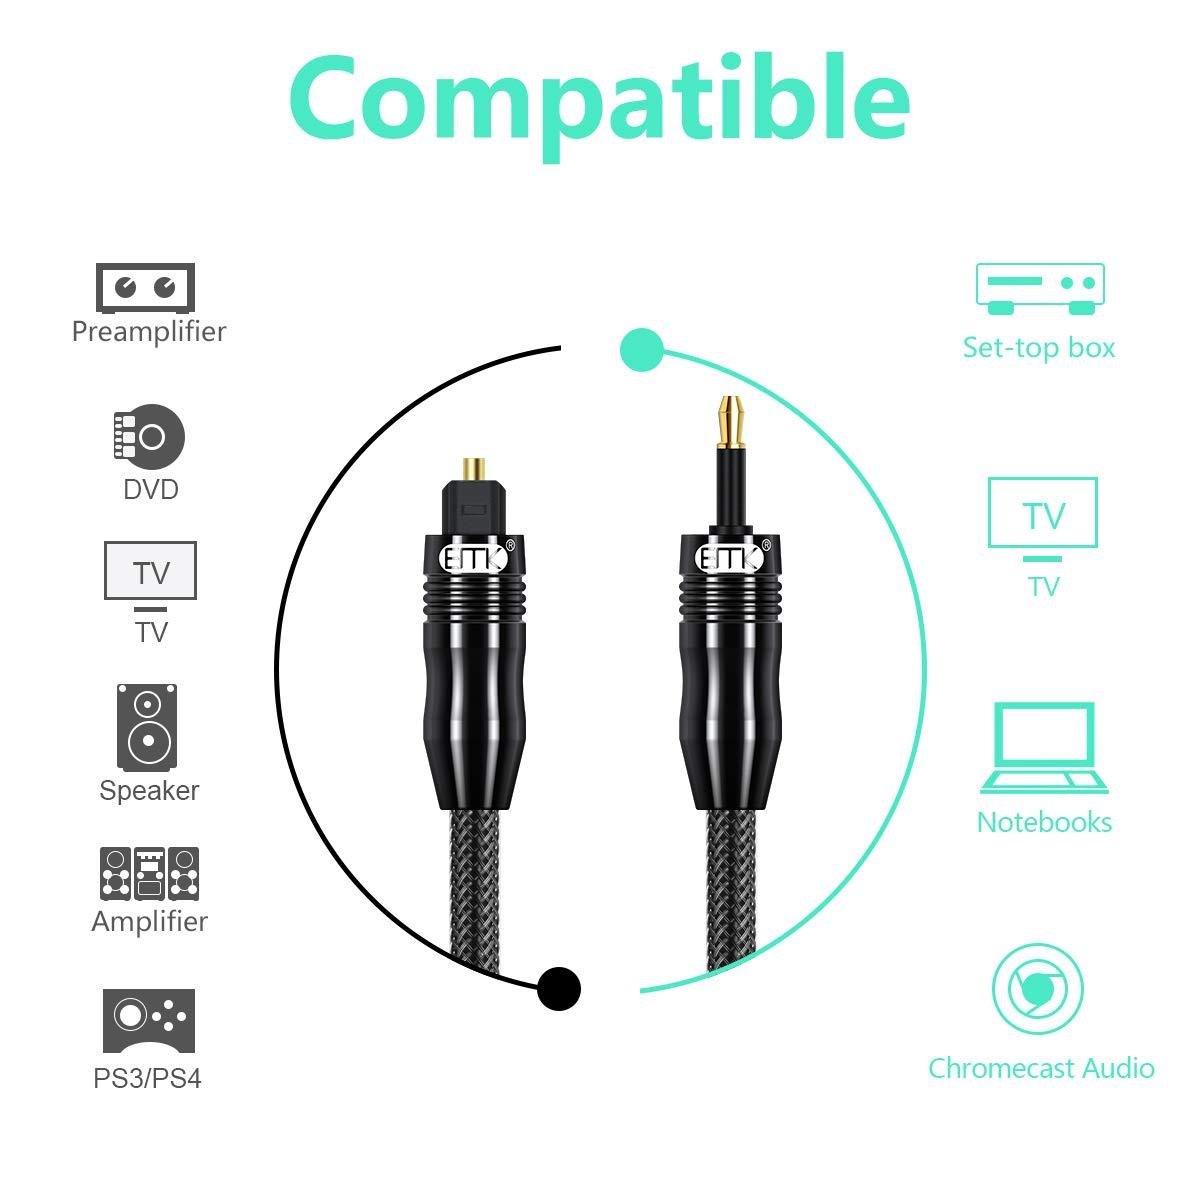 TV PS4 Emk fibra ottica Cord per home Theater Xbox /& More 3M Cavo audio ottico digitale Toslink cavo Sound Bar giacca in nylon intrecciato, durevole e flessibile